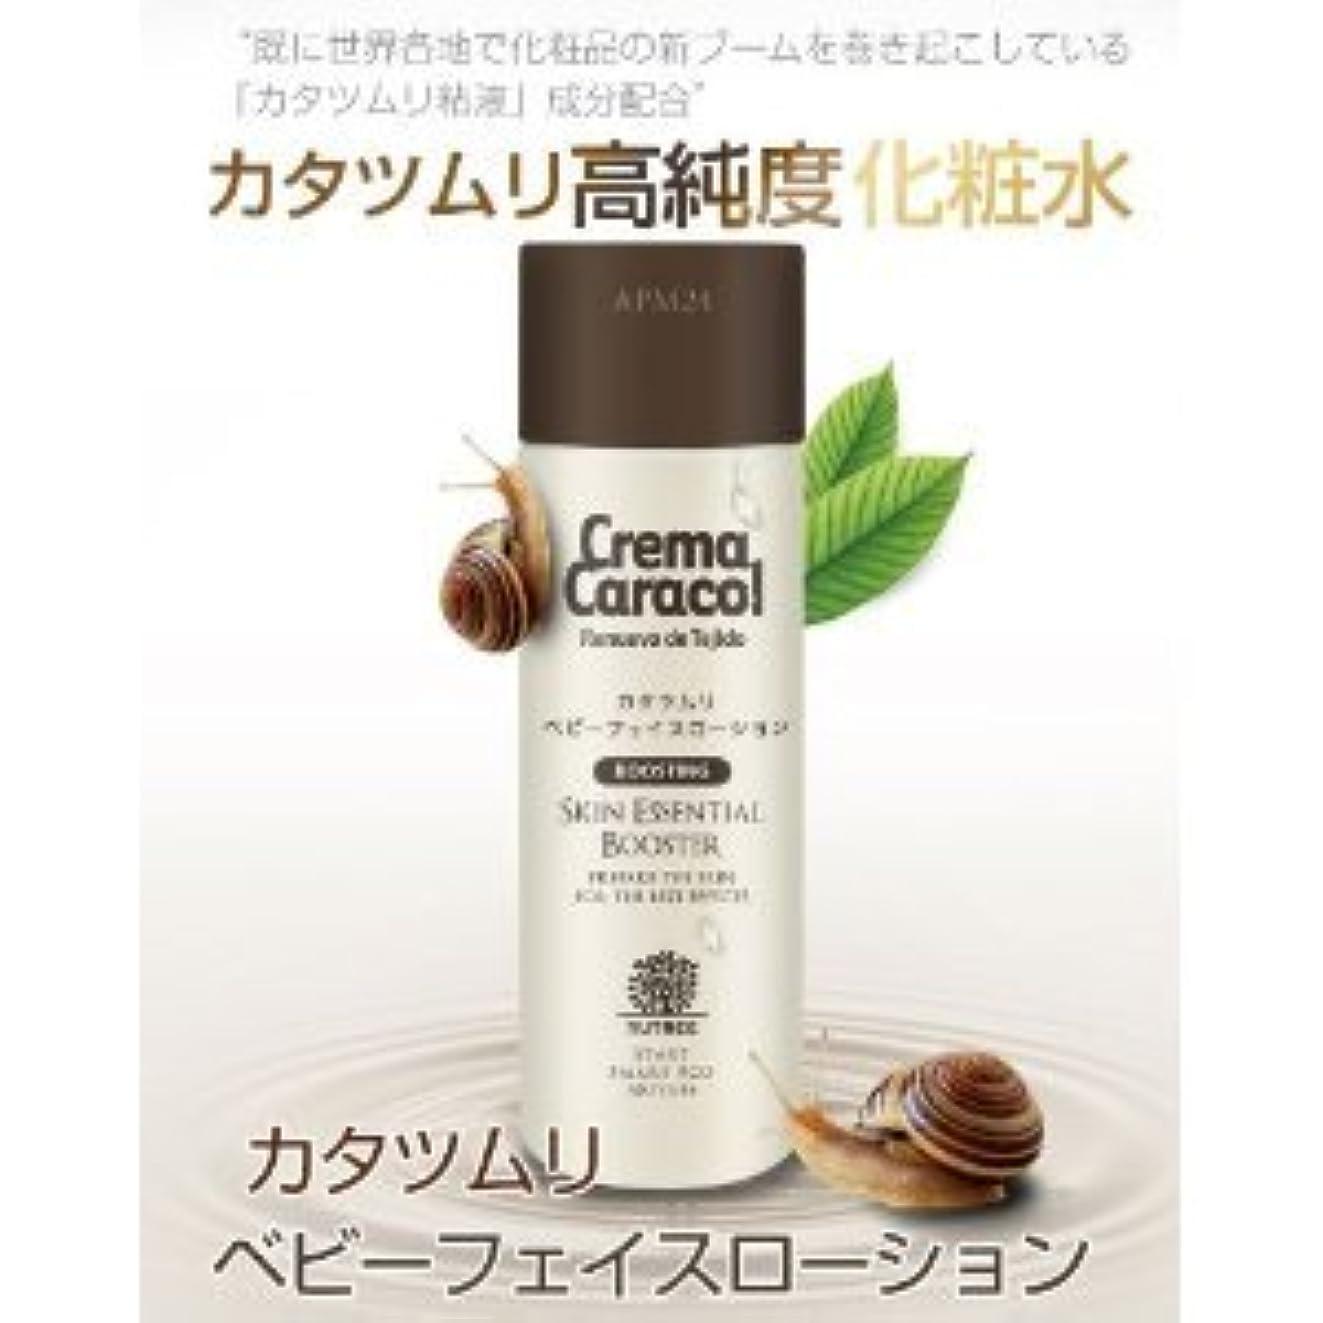 町三番シャックルcrema caracol(カラコール) ローション(化粧水) 5個セット